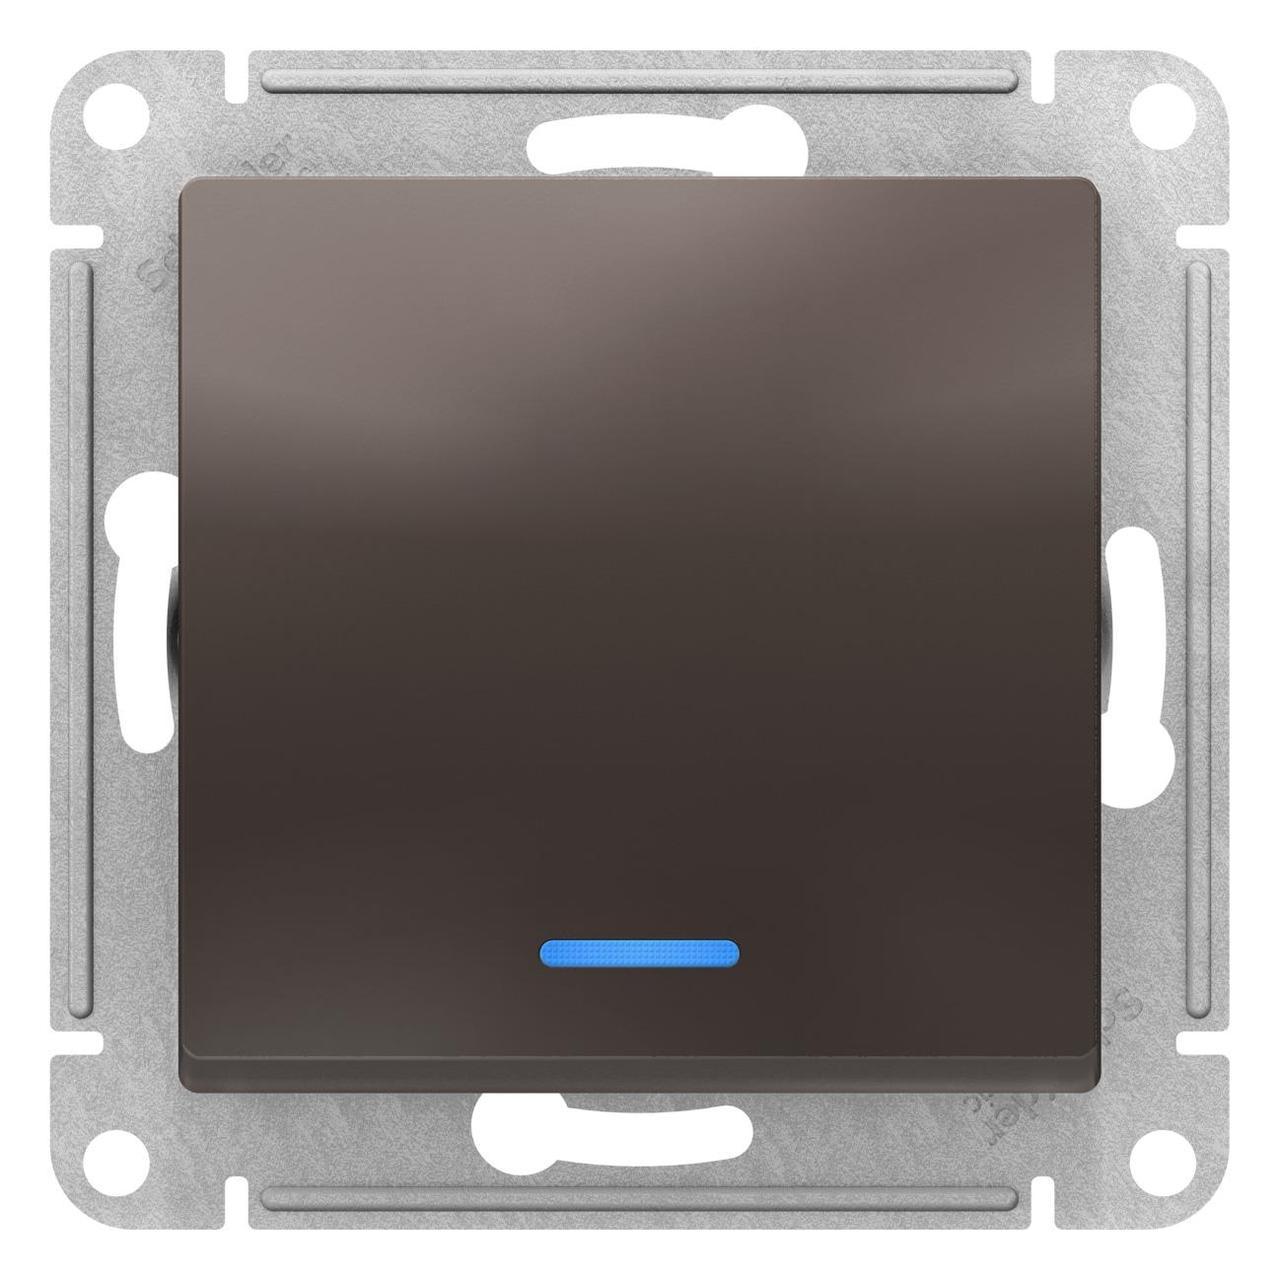 Выключатель 1-клавишный ,проходной с индикацией (с двух мест) , Мокко, серия Atlas Design, Schneider Electric